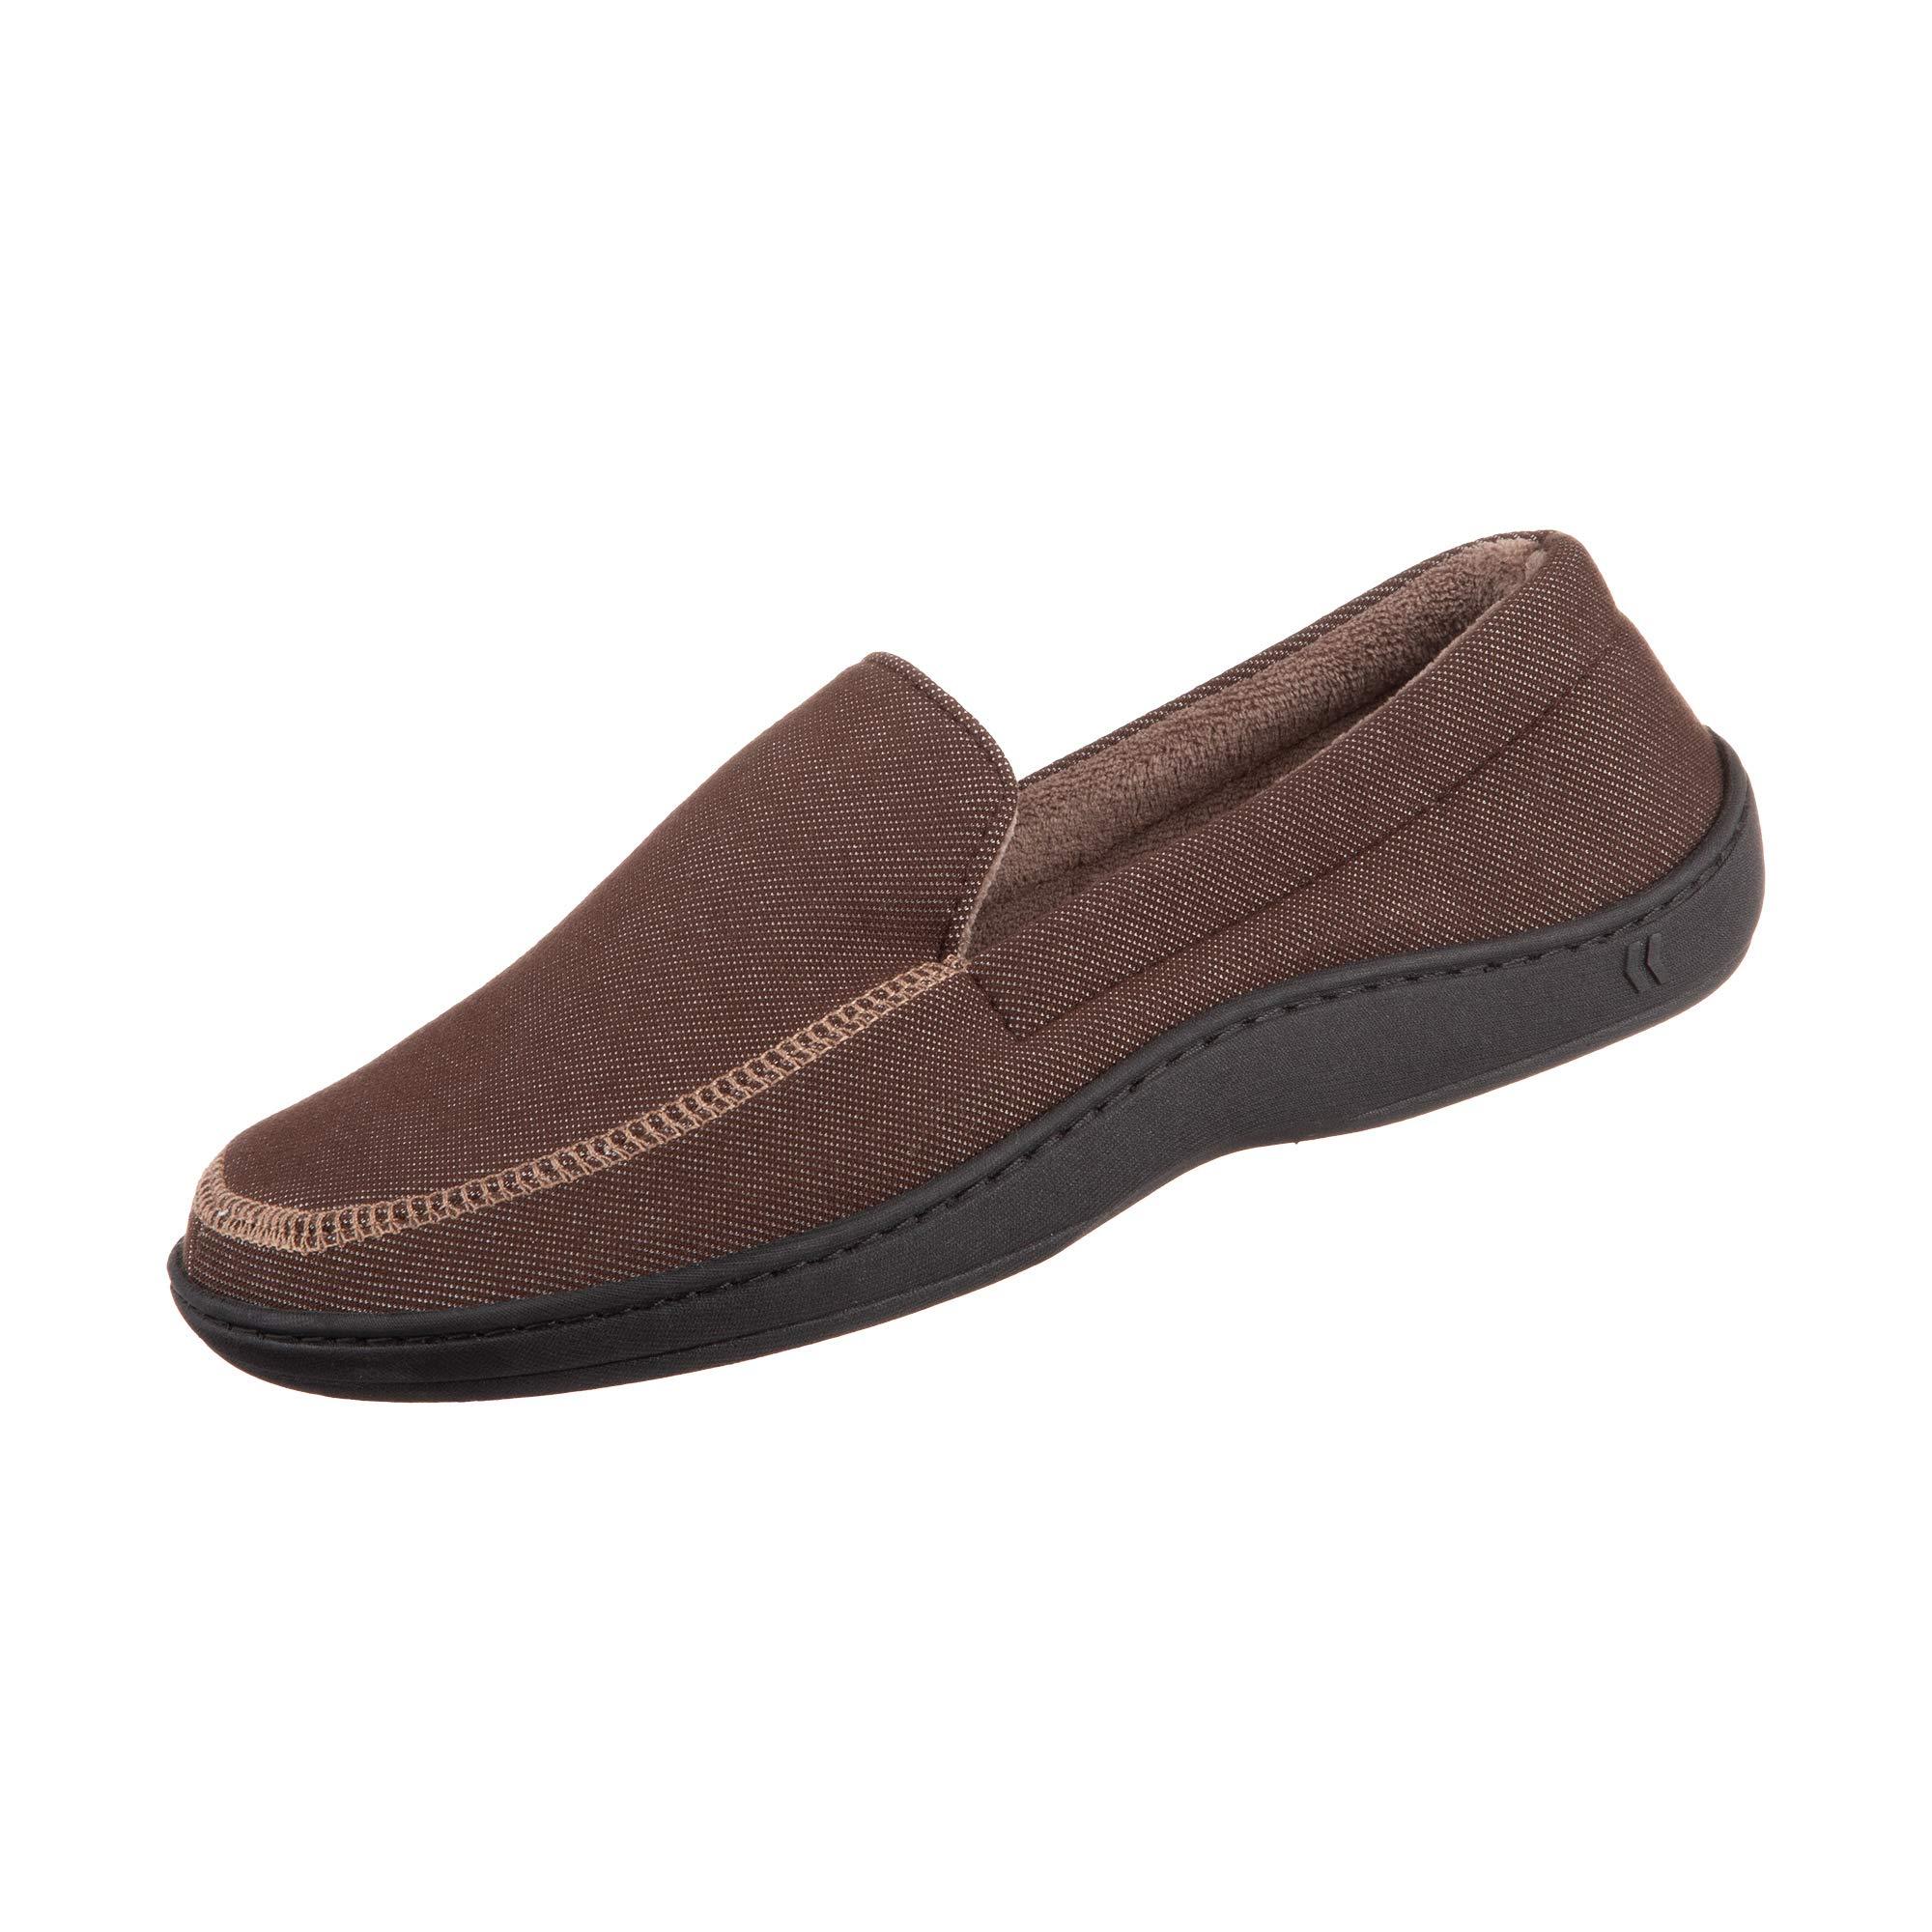 Chandler Men's Moccasin Slippers, Memory Foam, Indoor/Outdoor Sole